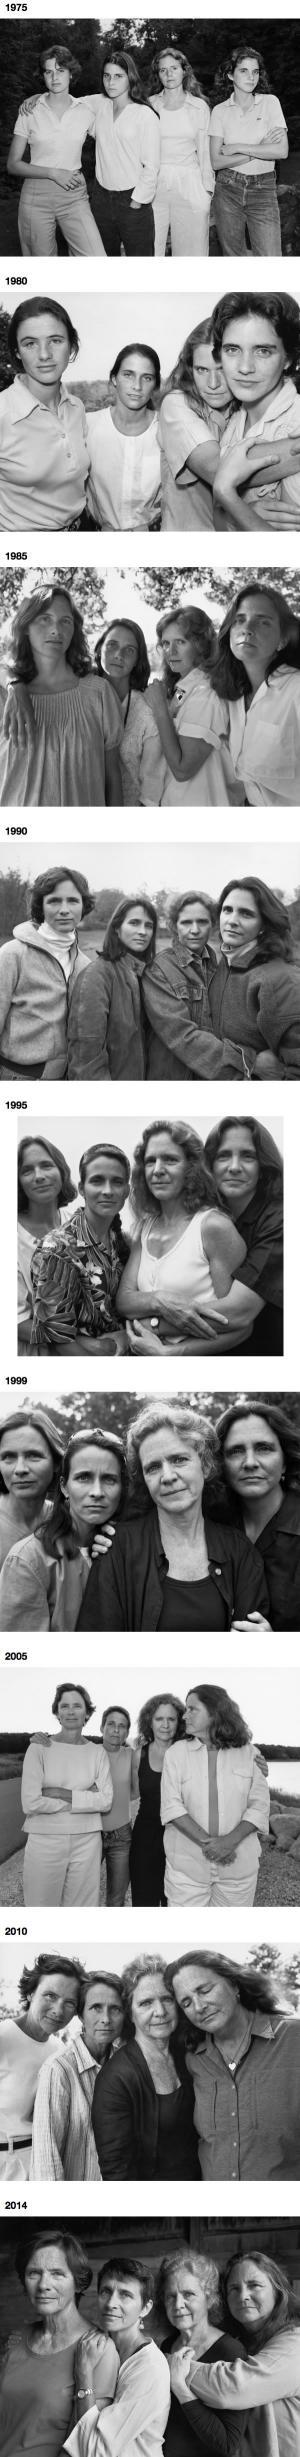 4 sestry v průběhu let